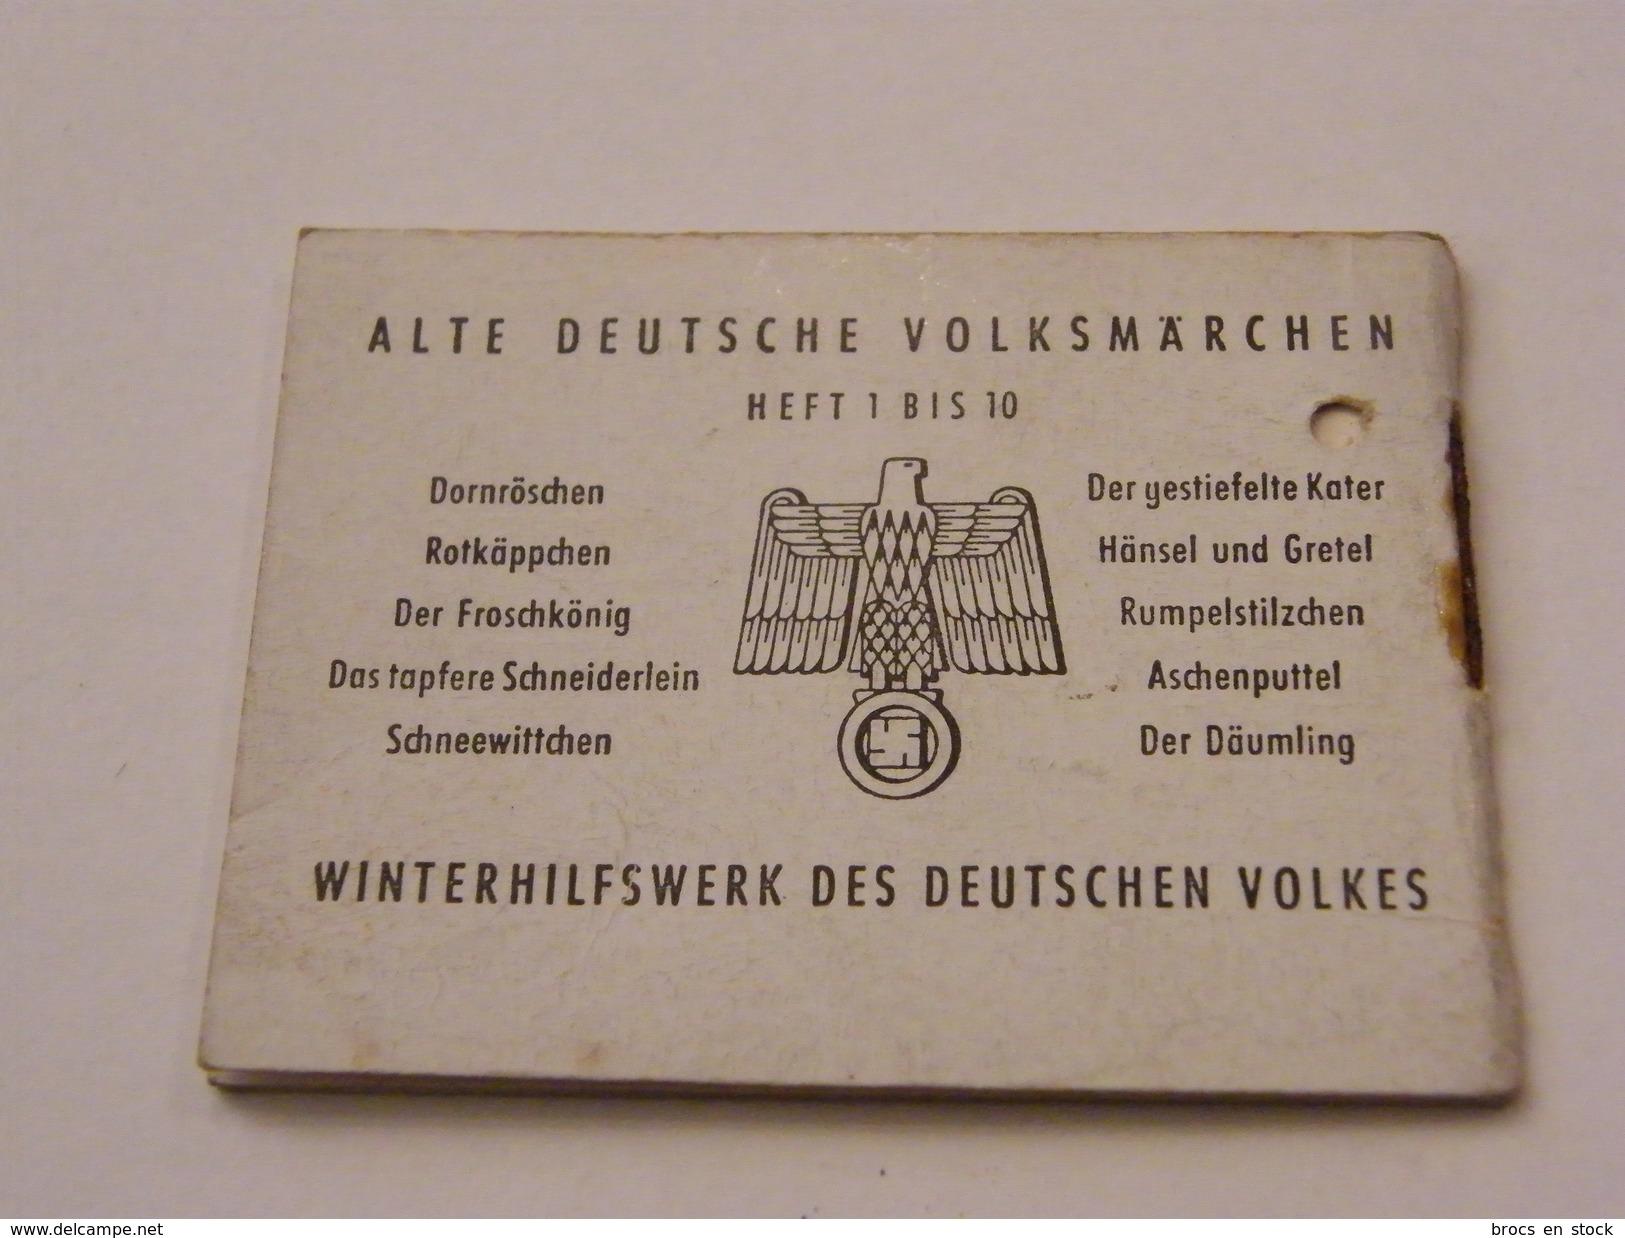 Alte Deutsche Volksmarchen Das Tapfere Schcneiderlein Heft 4 WWII - Bücher, Zeitschriften, Comics